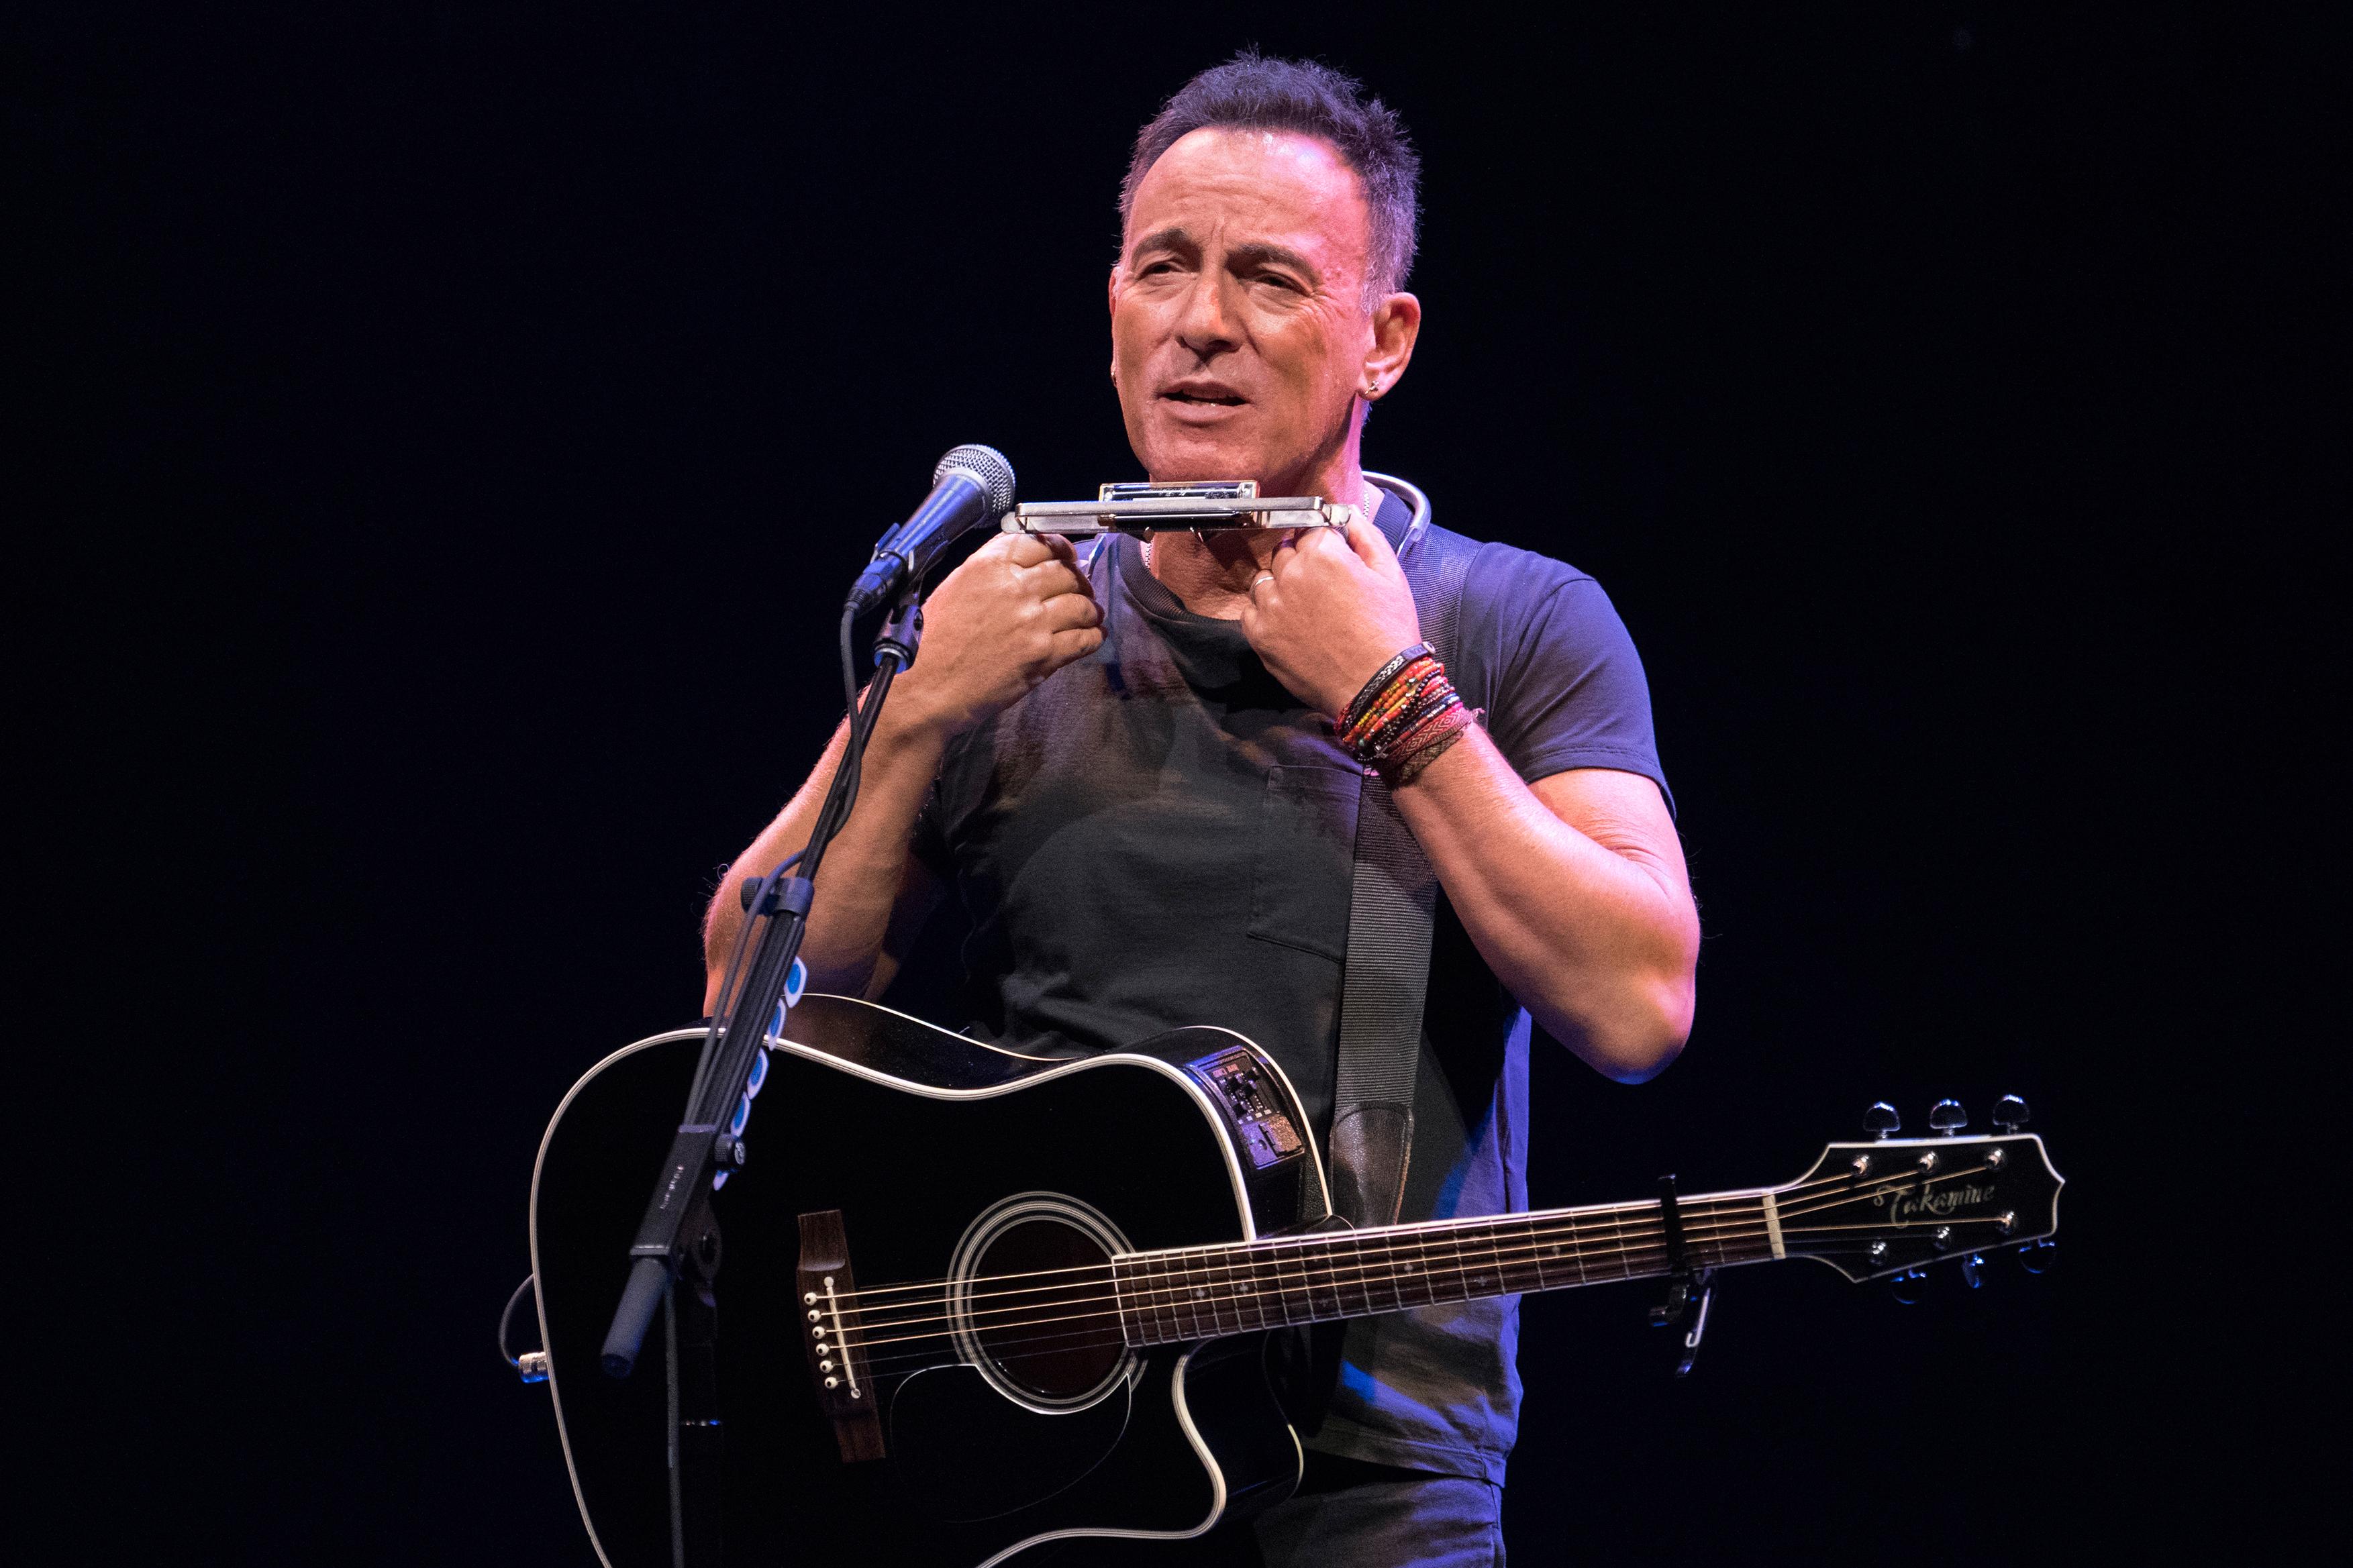 rollingstone.com - Daniel Kreps - 'Springsteen on Broadway' Heading to Netflix